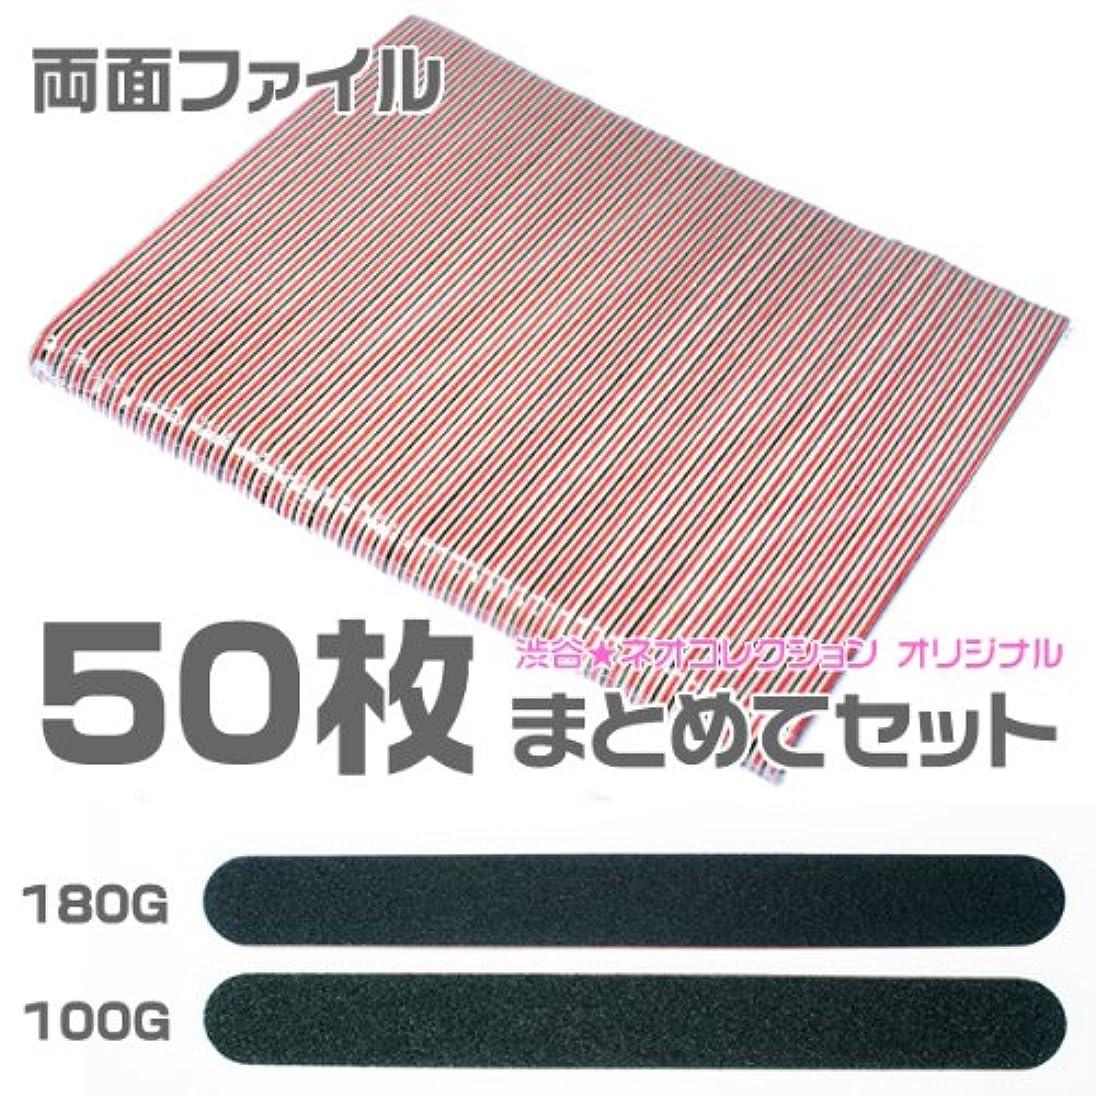 失業生まれ印象的な高品質ネイルファイル50枚セット 100 180G 大量まとめ買い エメリーボード 100グリッド180グリッド